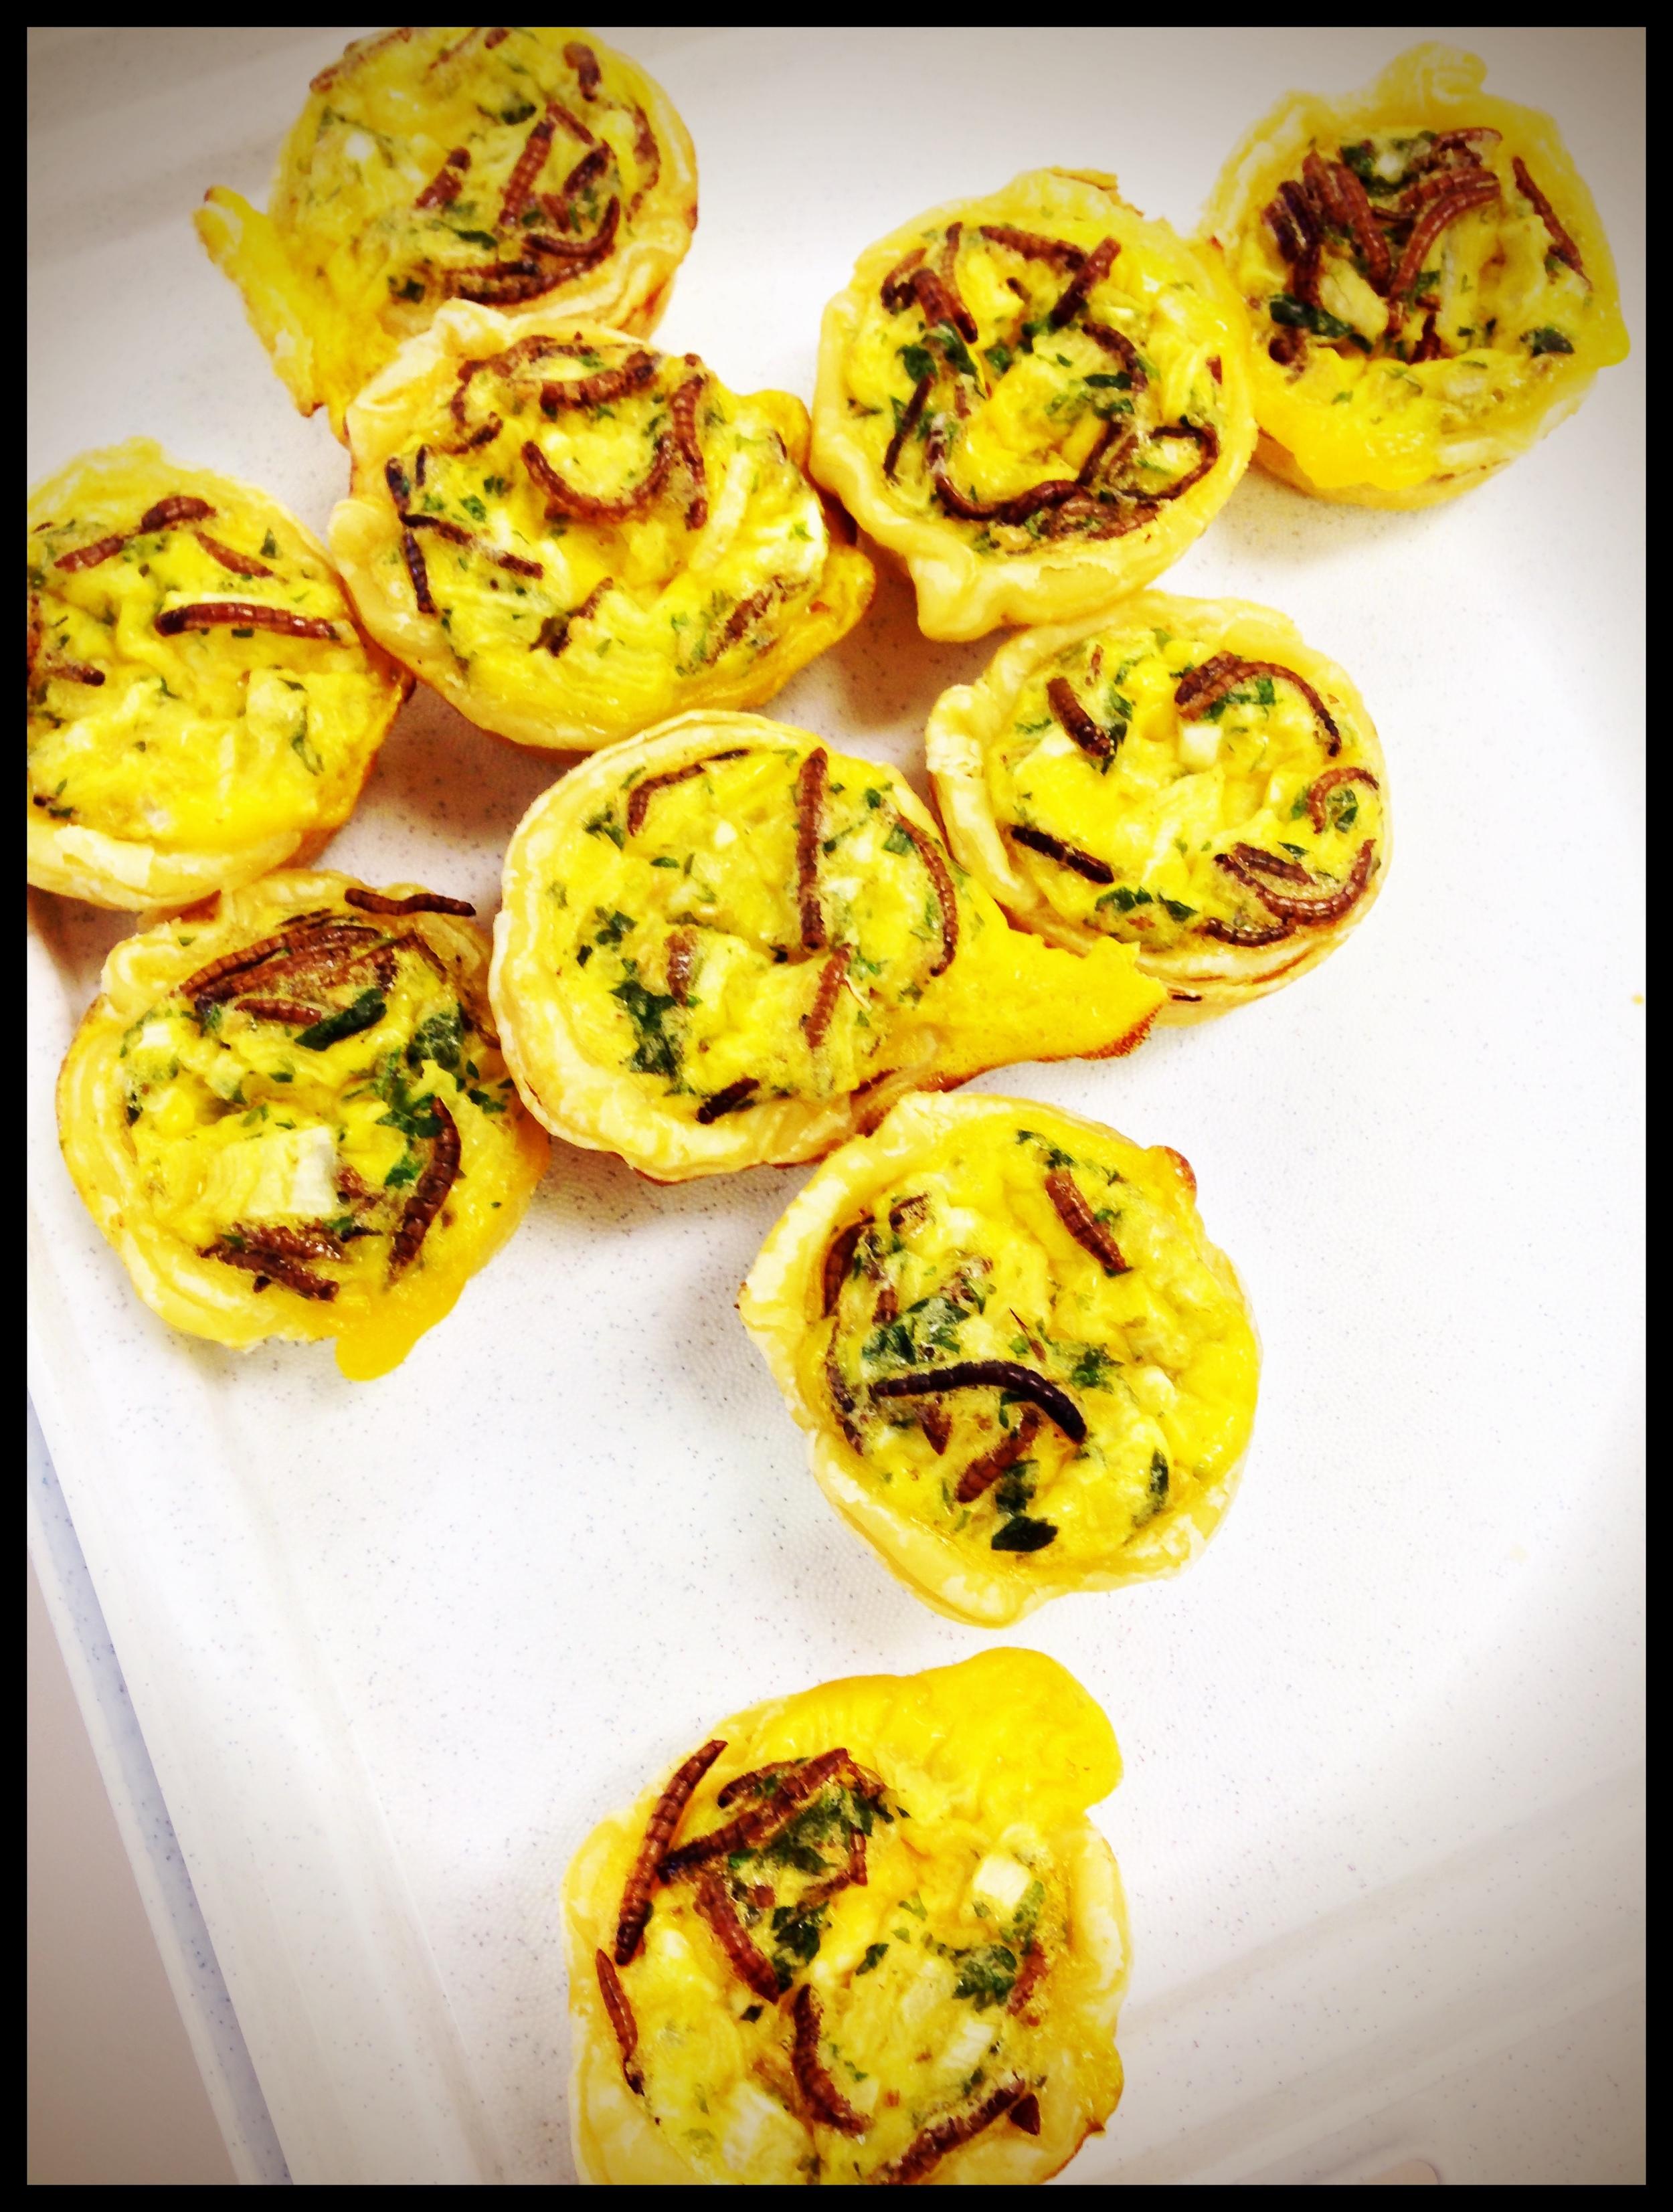 Roasted mealworm mini quiches |Rebecca Di Donato